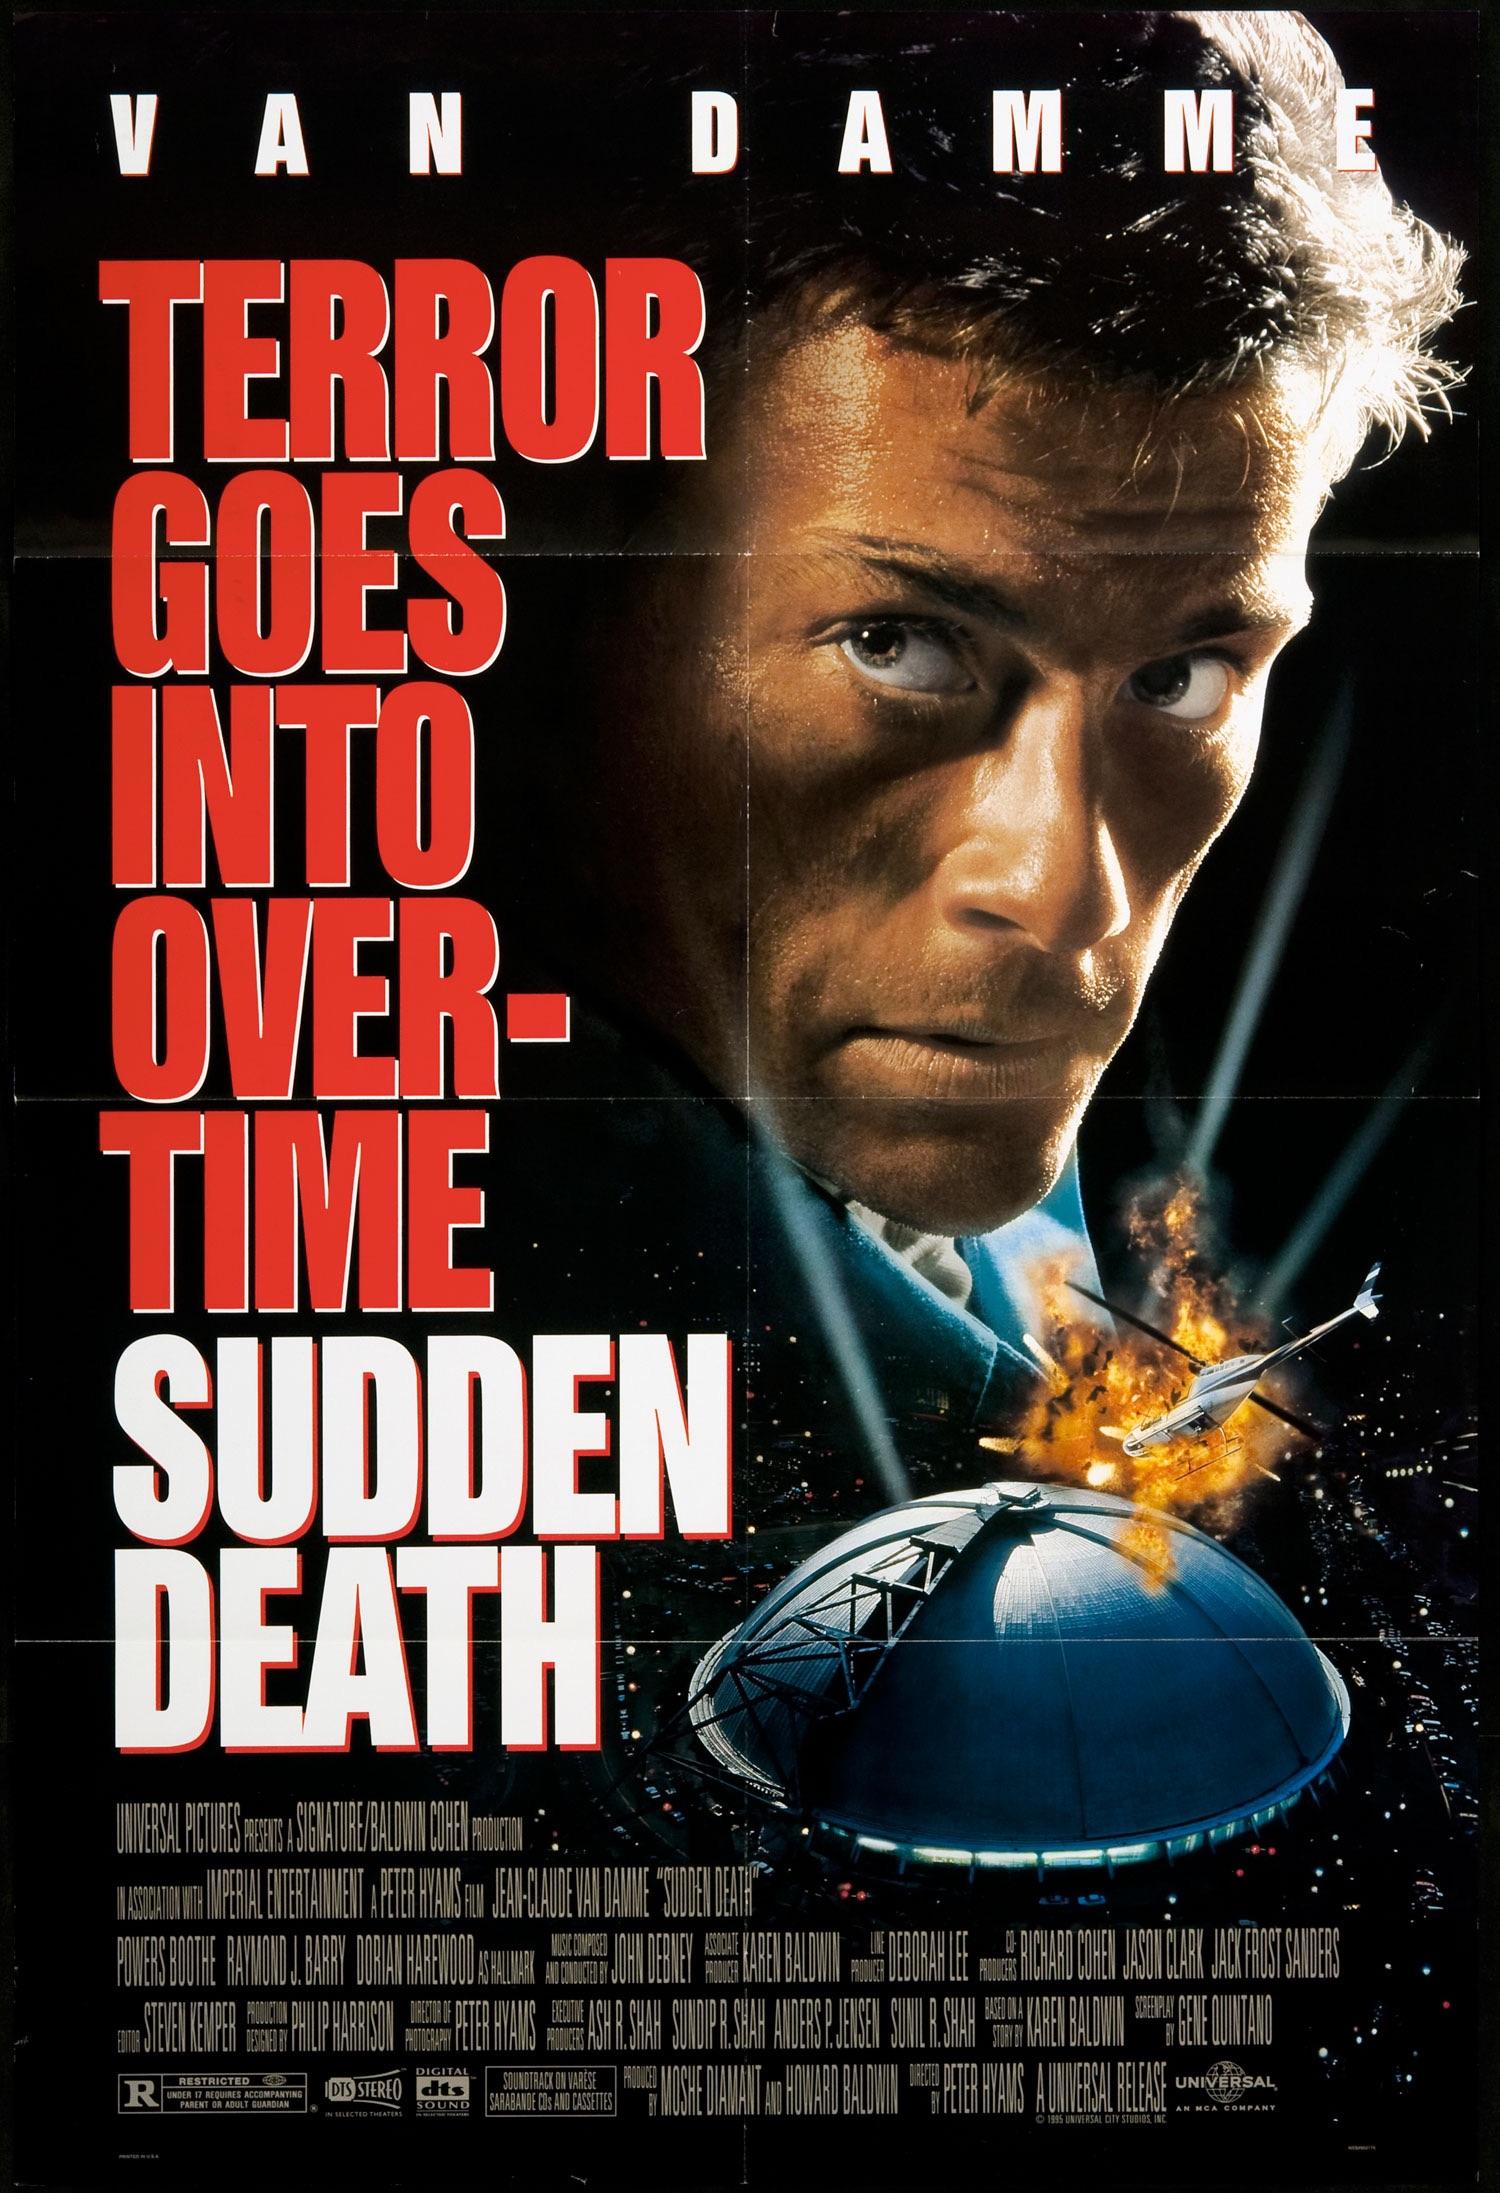 Sudden Death (1995 film)